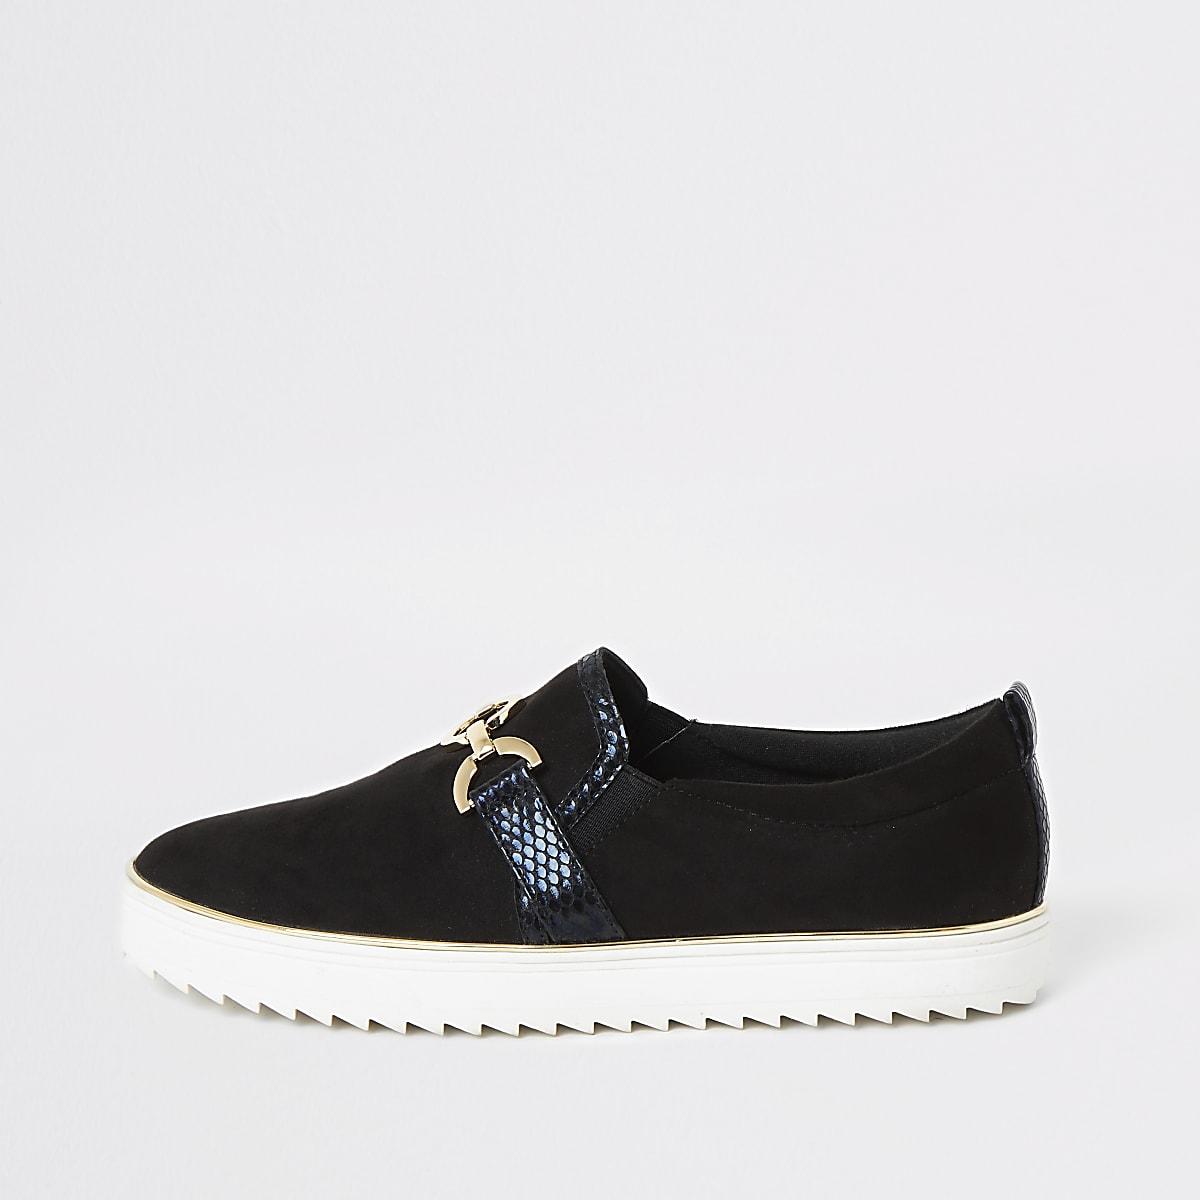 Zwarte slip-on sneakers met detail voor